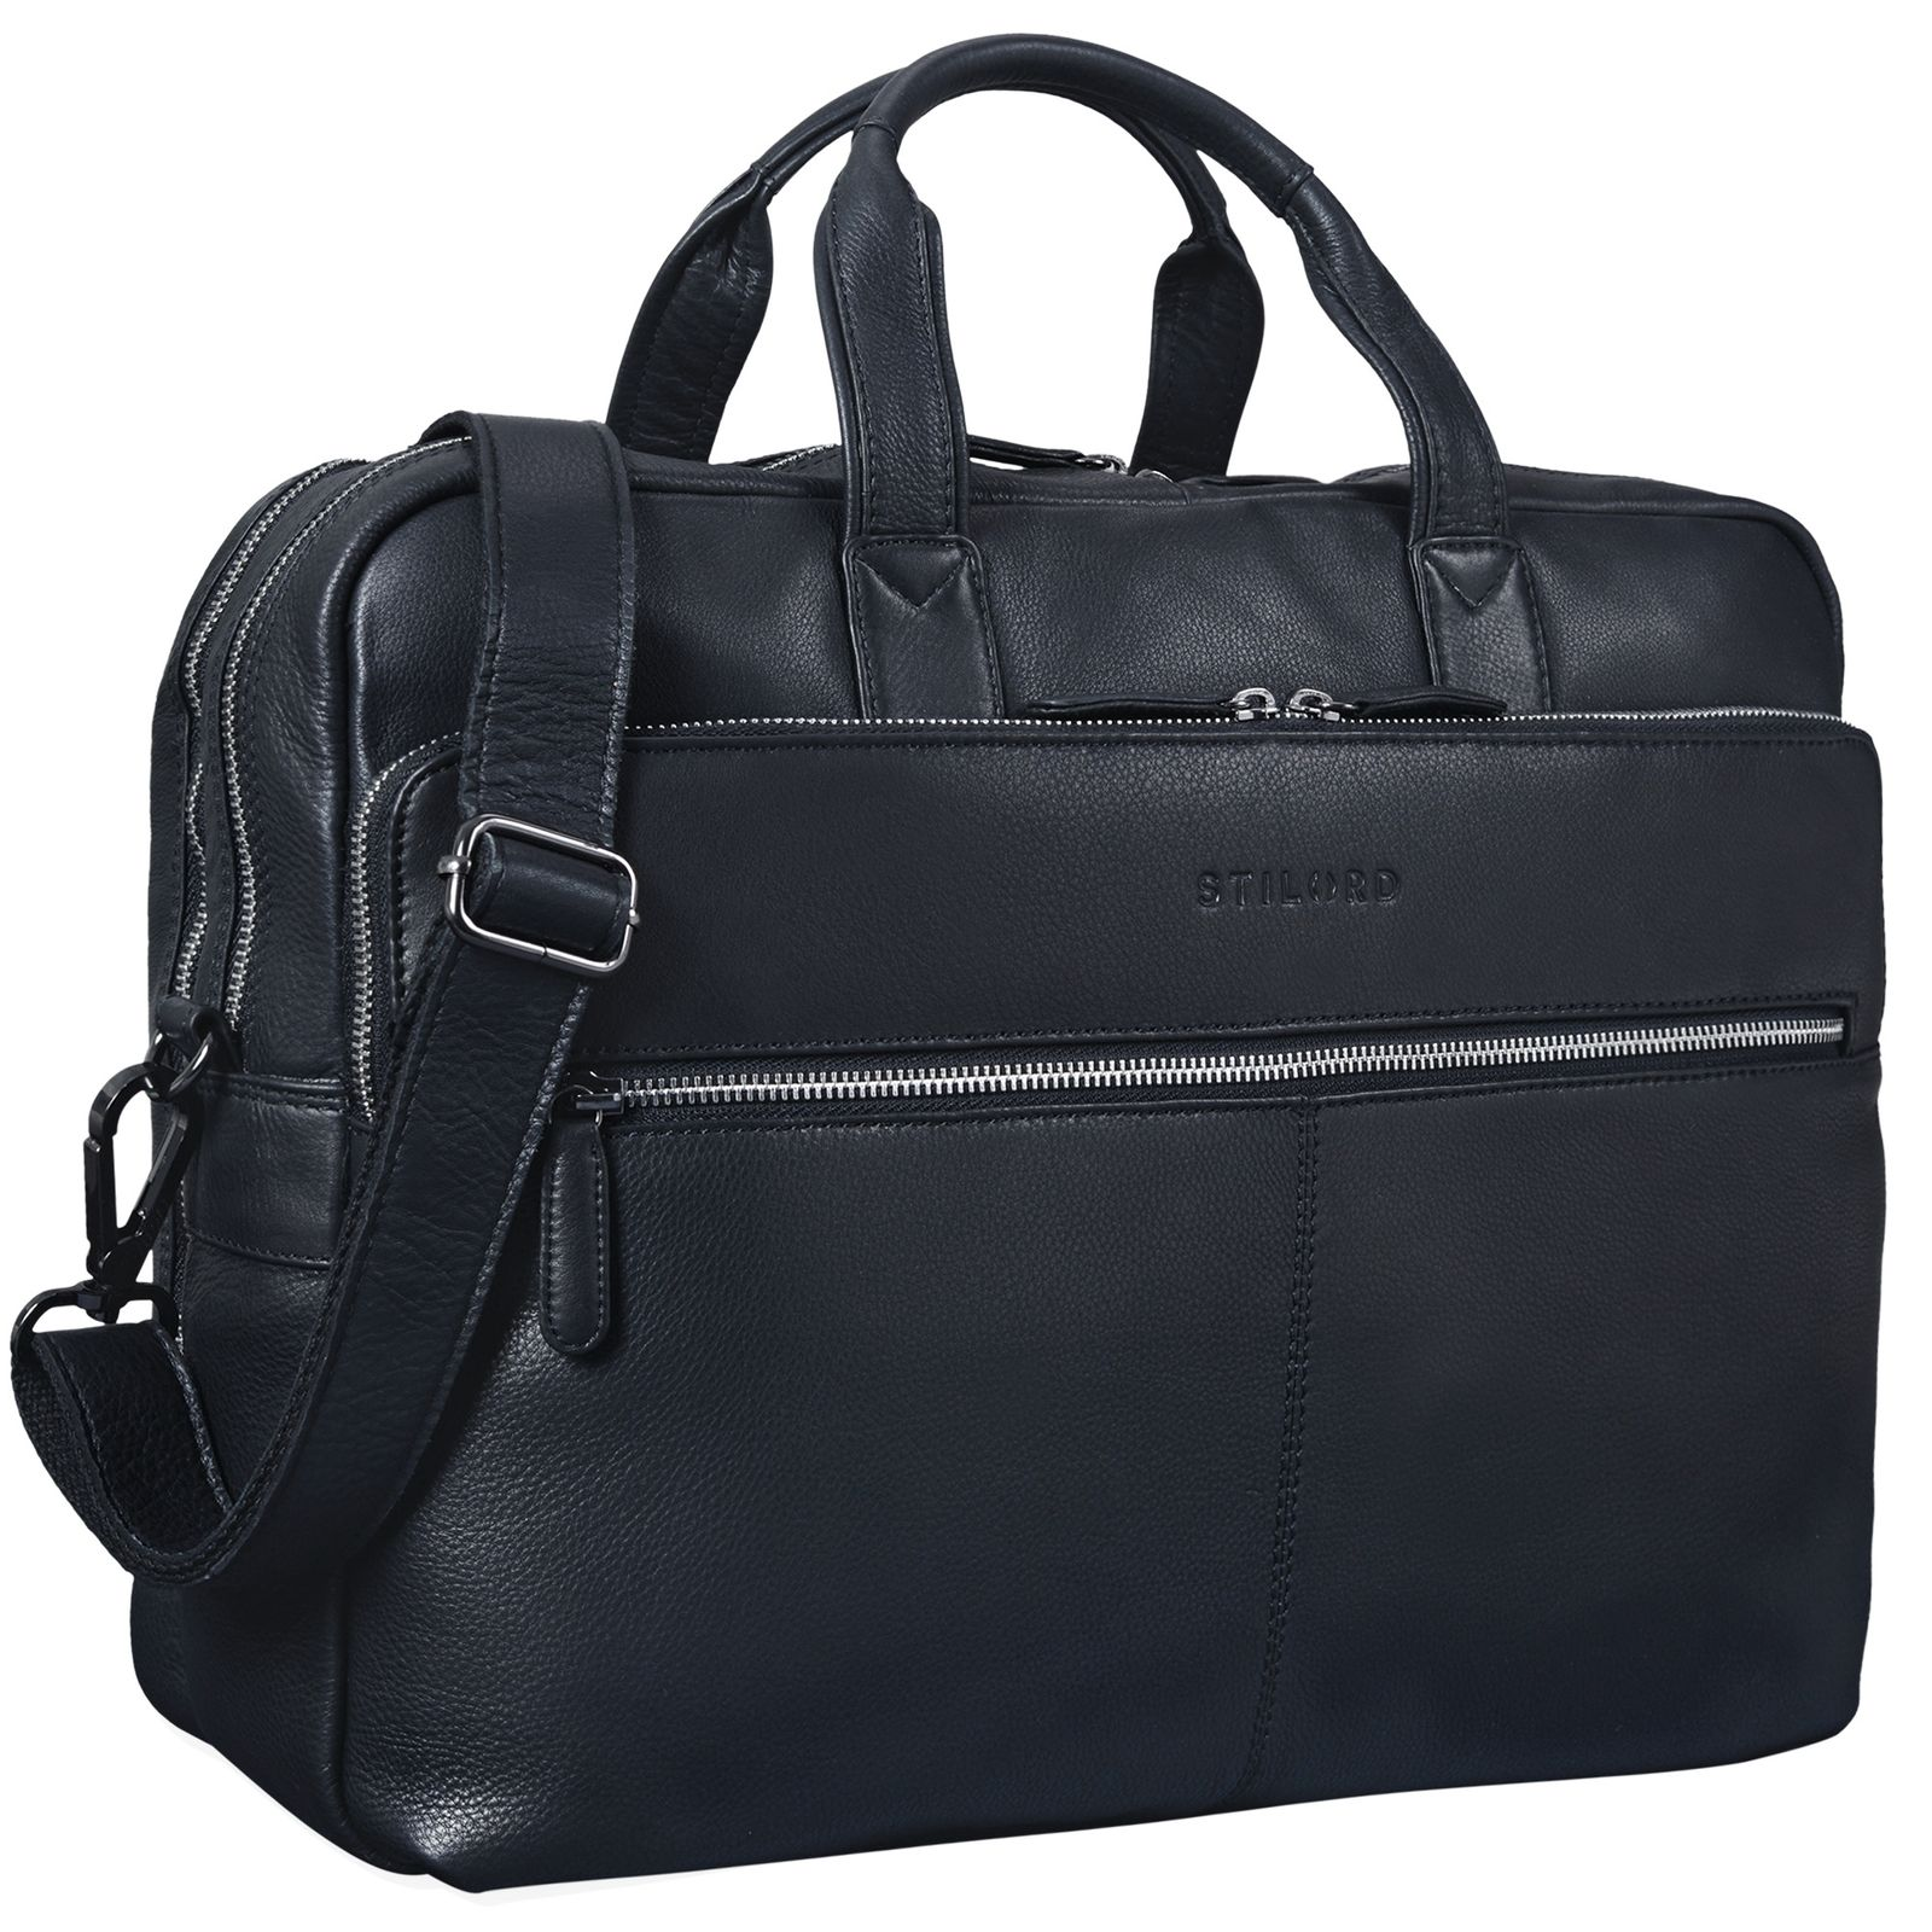 """STILORD """"William"""" Businesstasche Leder groß XL Lehrertasche Aktentasche 15,6 Zoll Laptoptasche Bürotasche Ledertasche Vintage Umhängetasche Echtleder - Bild 10"""